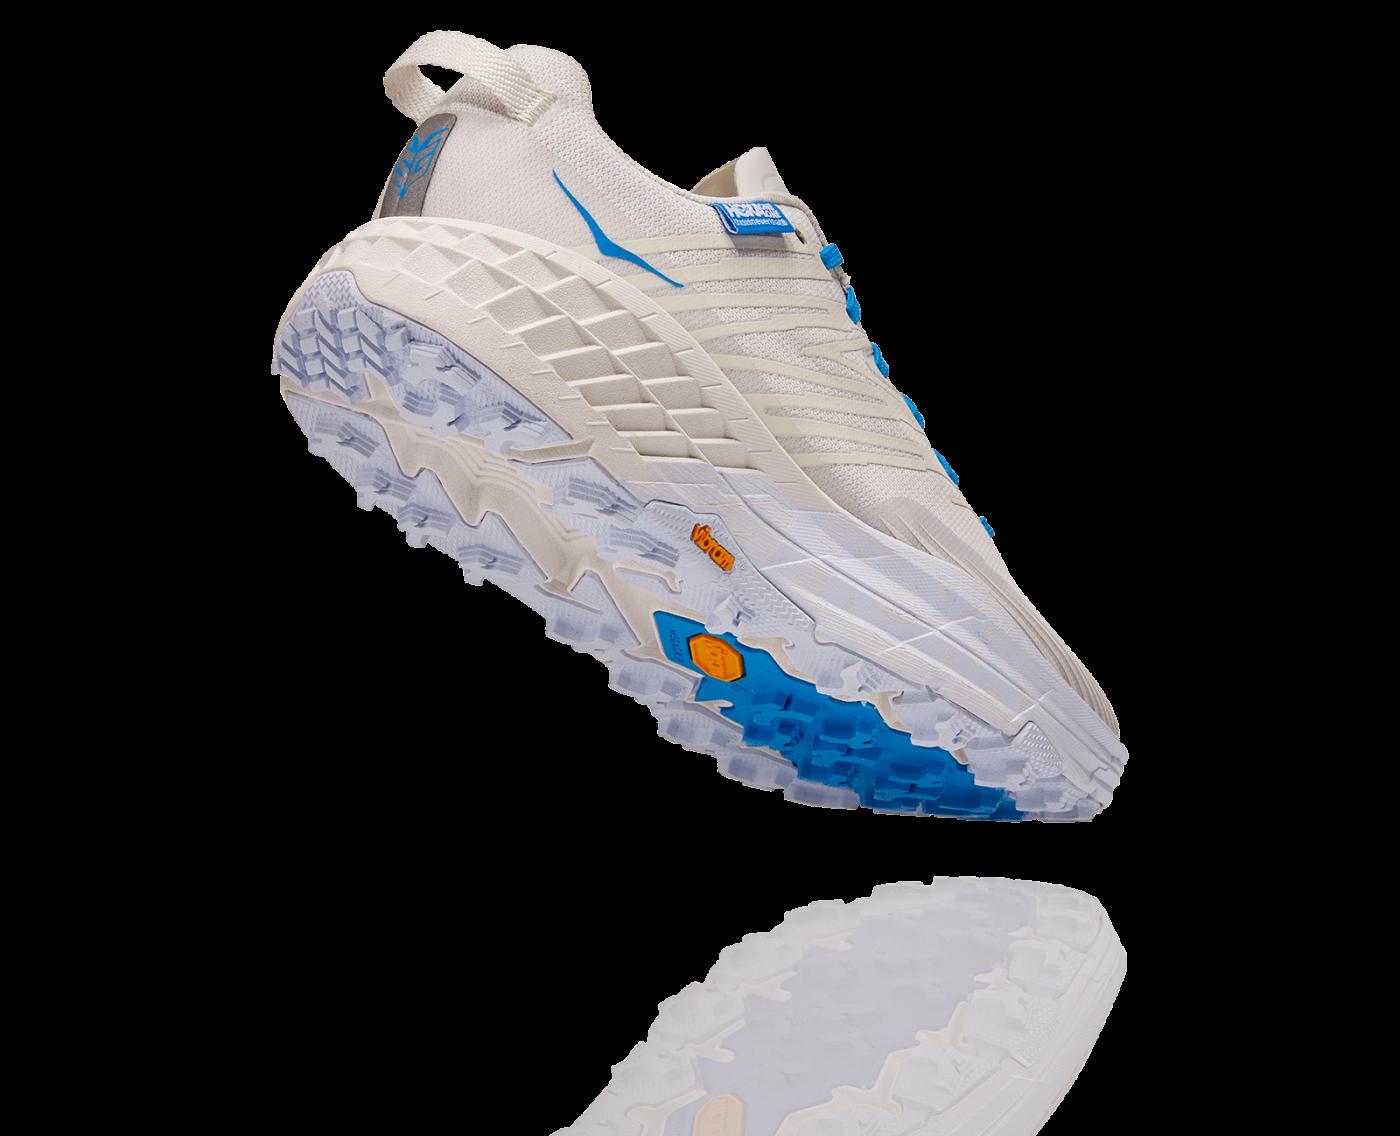 hoka-thisisneverthat-speedhoat-4-trail-running-runpack-2